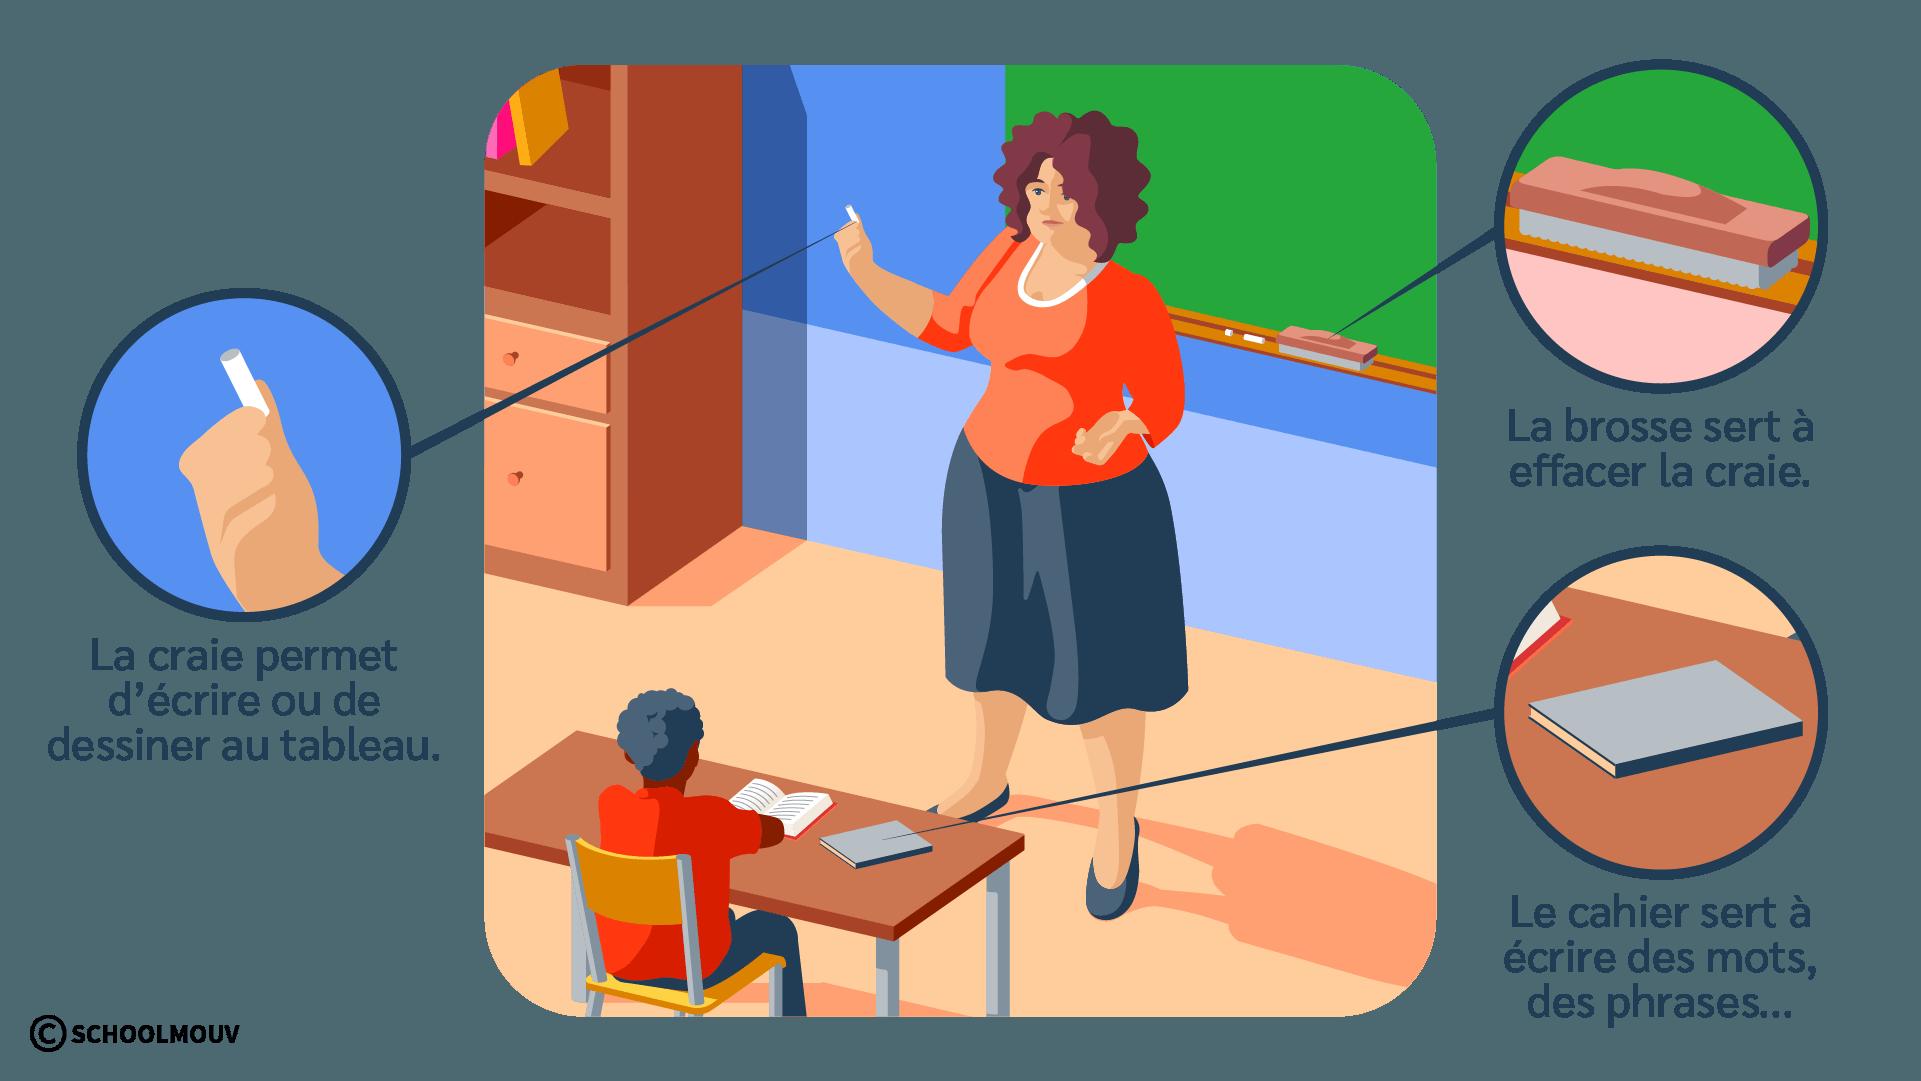 Salle de classe - École - Maîtresse - Craie - Tableau - Élève - Cahier - Brosse - SchoolMouv - Sciences - CP